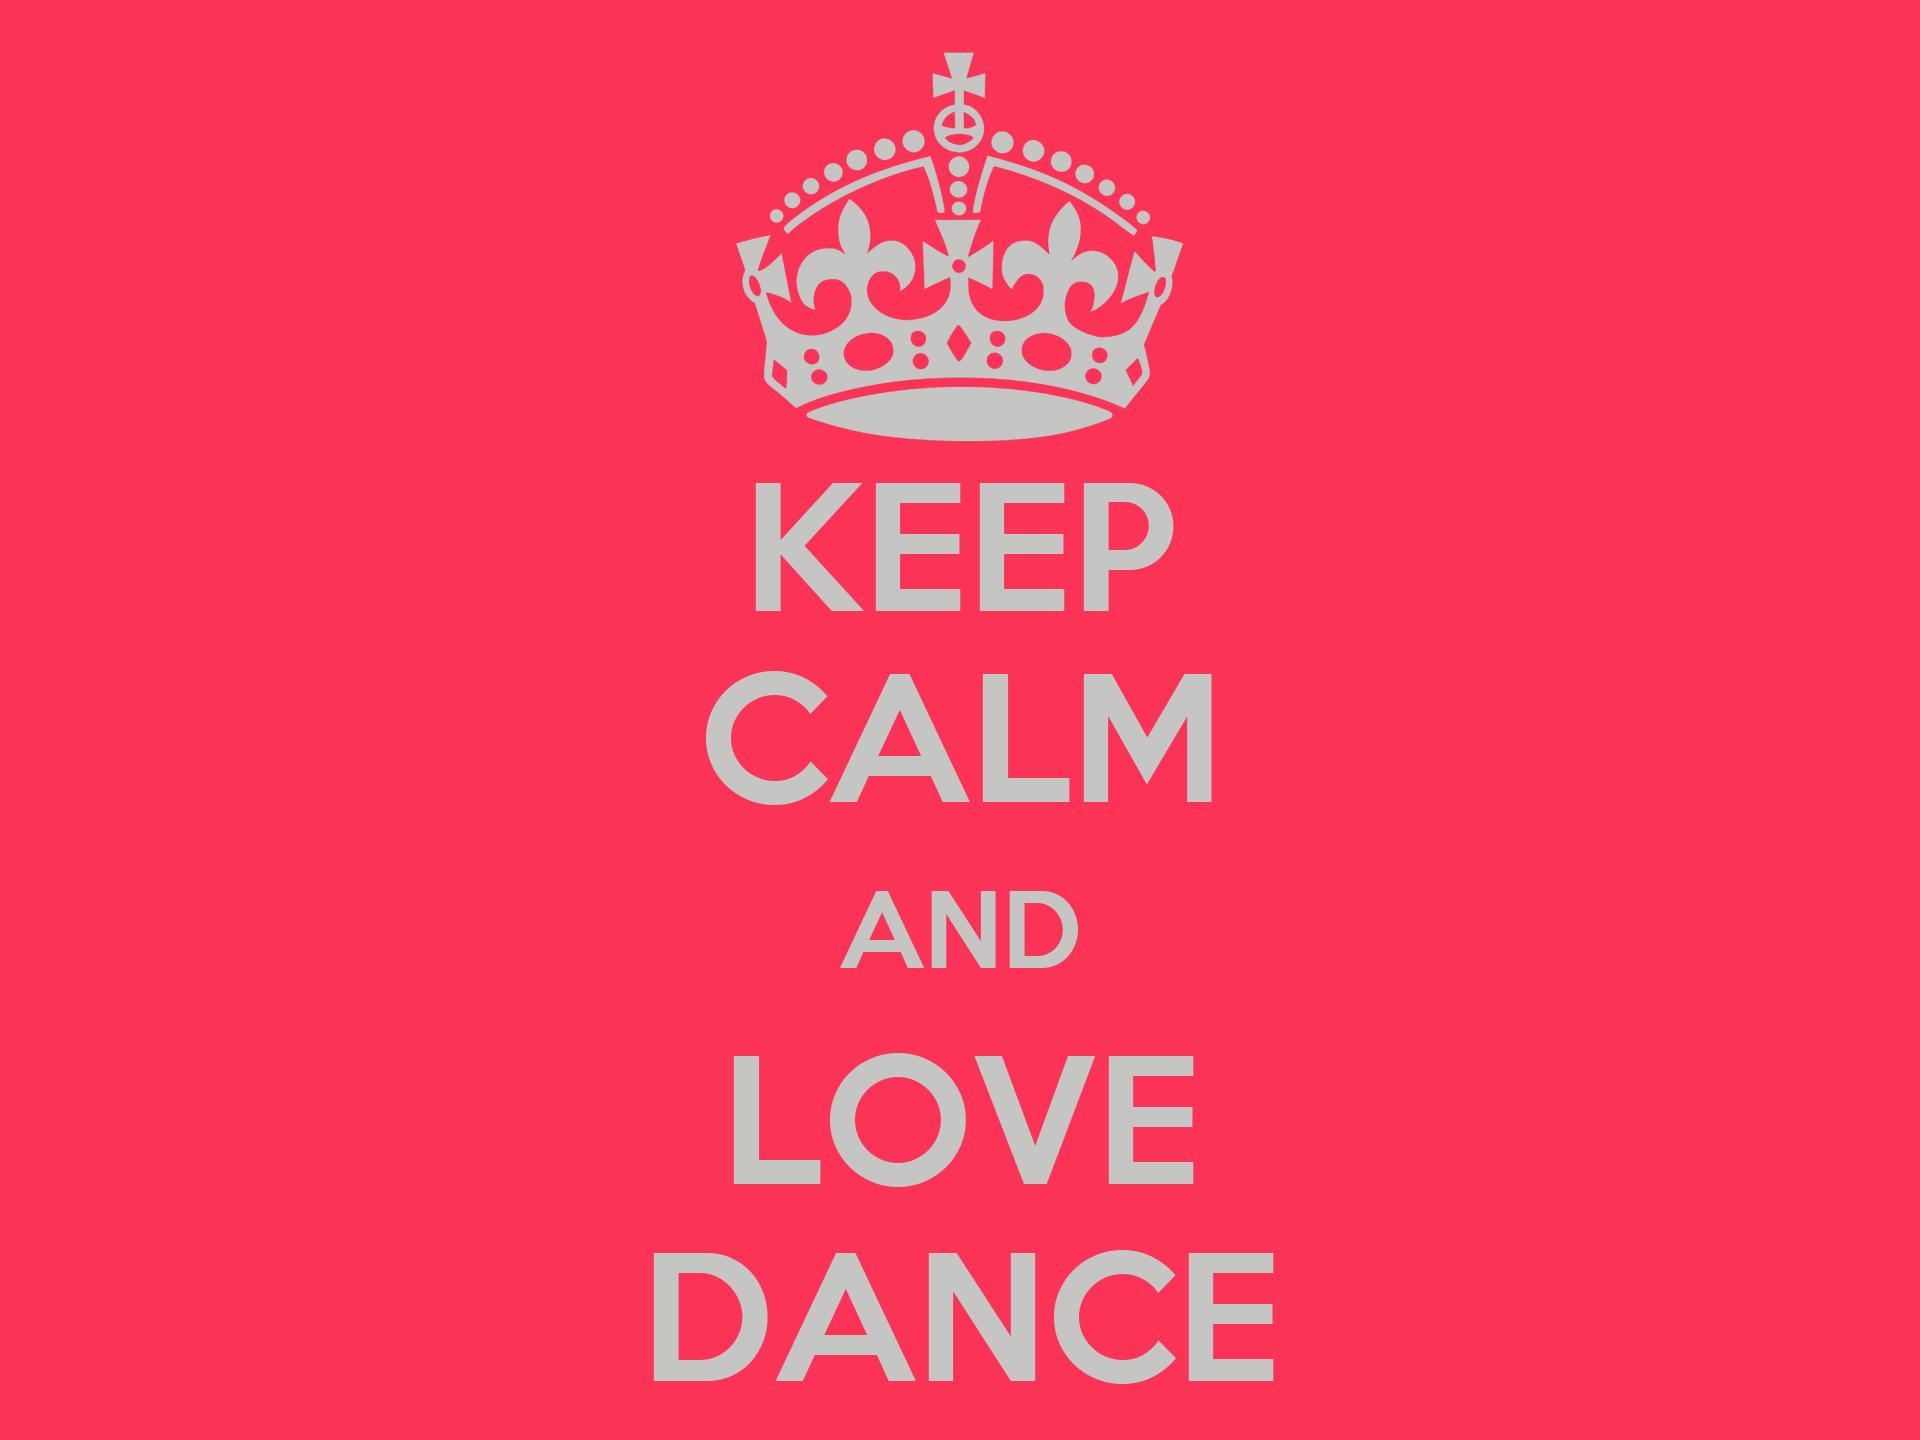 KEEP CALM AND LOVE DANCE Poster | MMMMM | Keep Calm-o-Matic